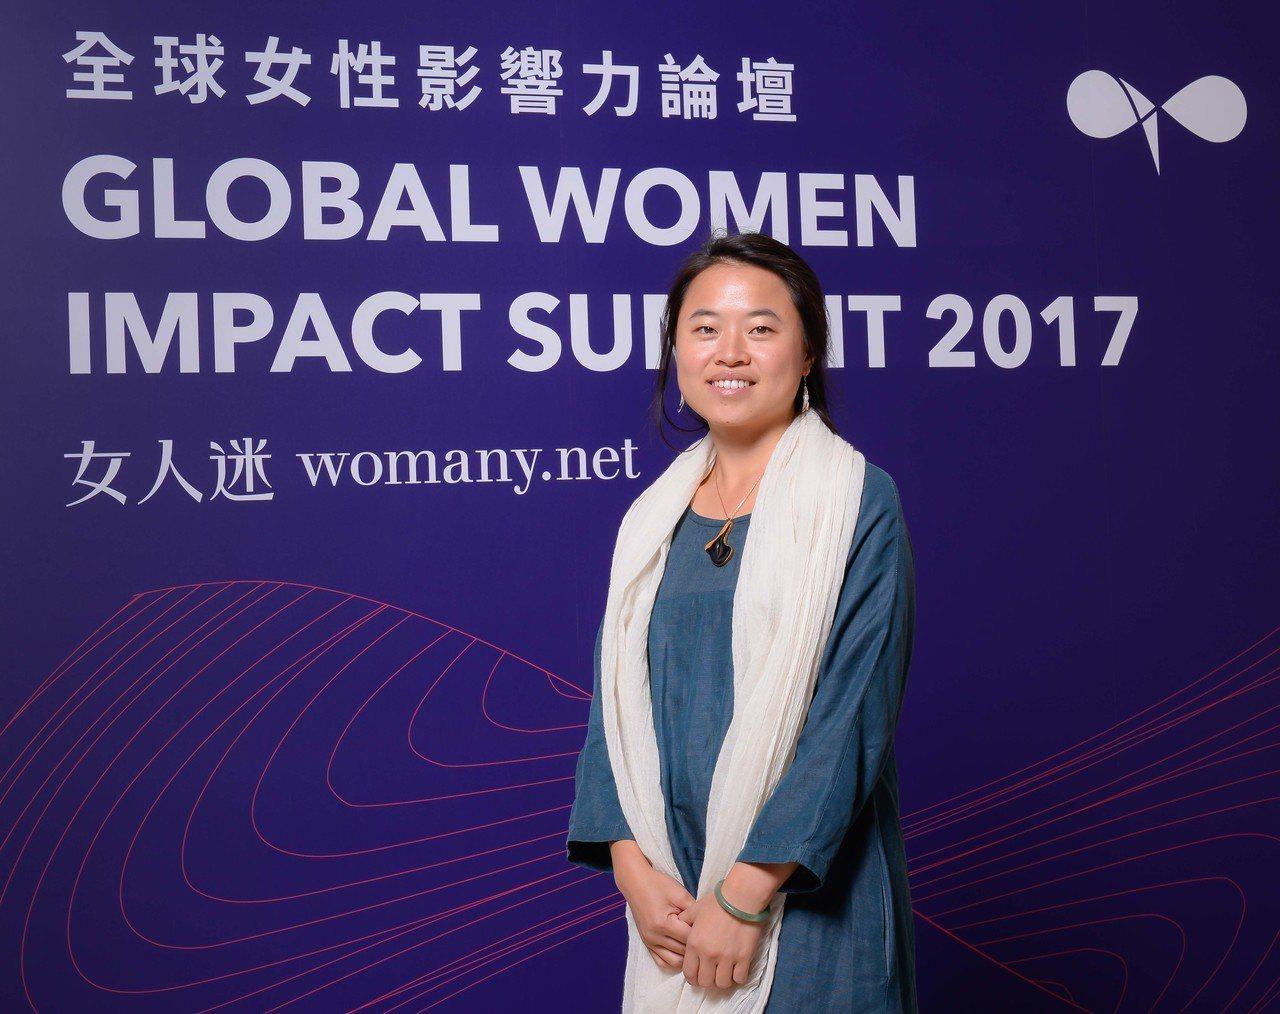 入選BBC年度百大女性棉樂悅事創辦人林念慈擔任「全球女性影響力論壇」講者。 圖/...